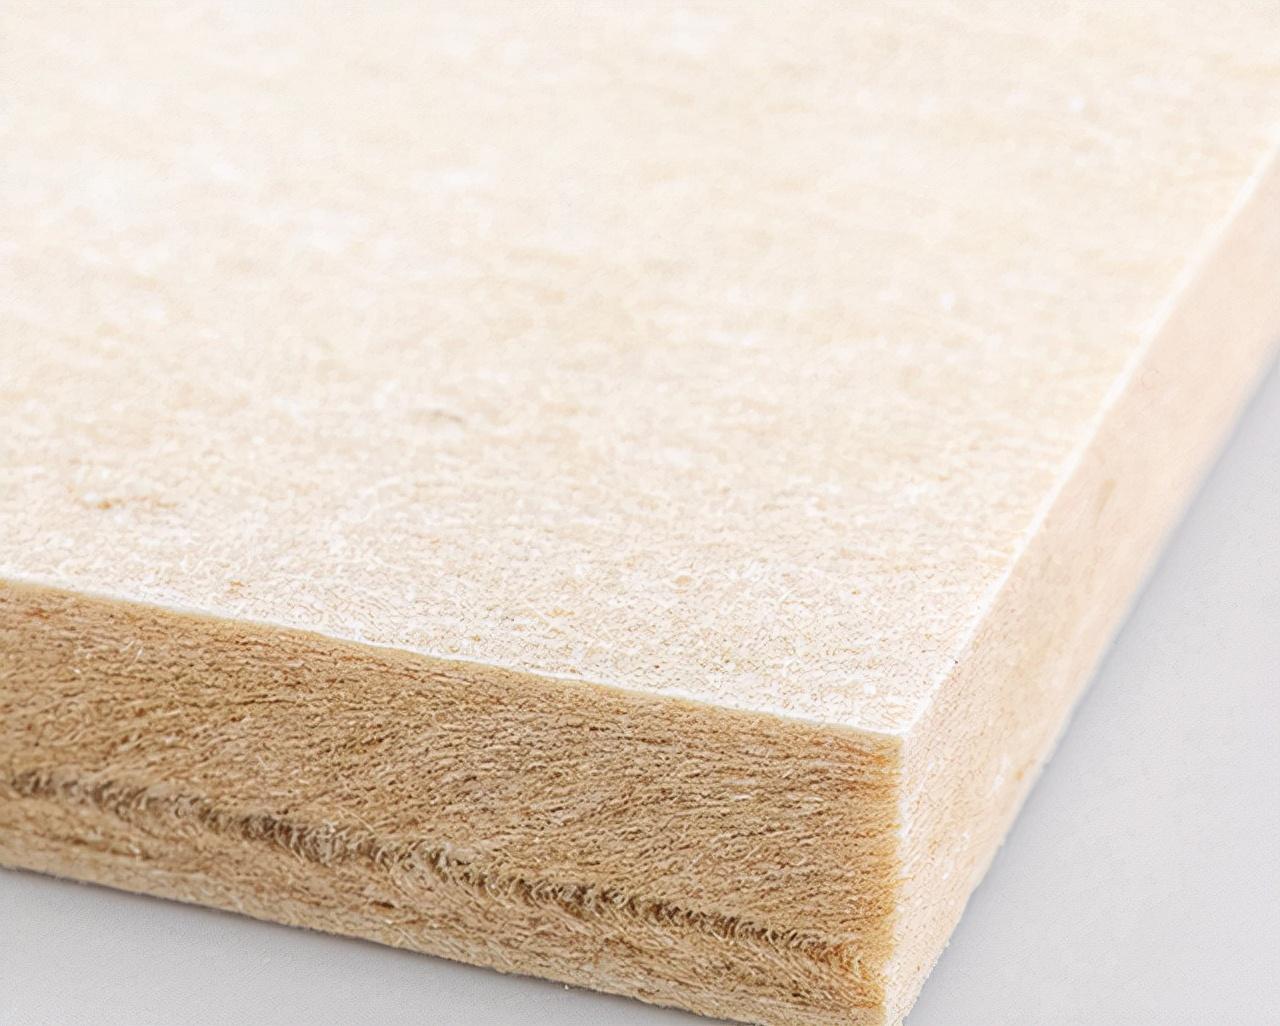 精细黄麻床垫靠谱品牌必须满足这两点要求